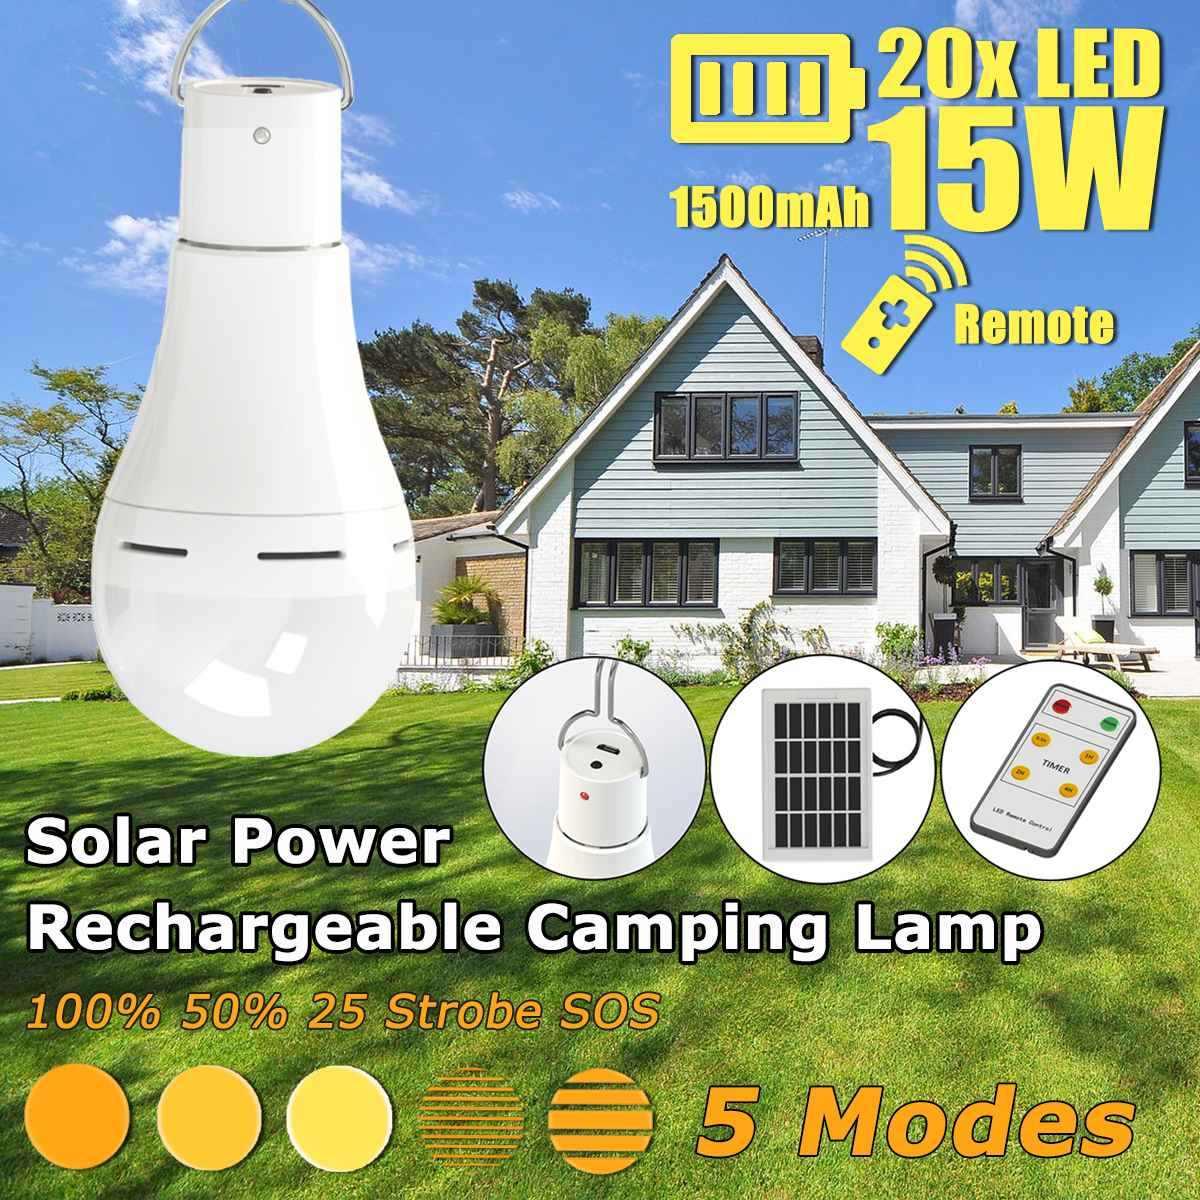 15 W/20 W Năng lượng mặt trời Sạc USB Cắm Trại Ánh Sáng 5 Chế Độ W/Bảng Điều Khiển Năng Lượng Mặt Trời 3 mét Cáp & Remote Đèn Năng Lượng Mặt Trời